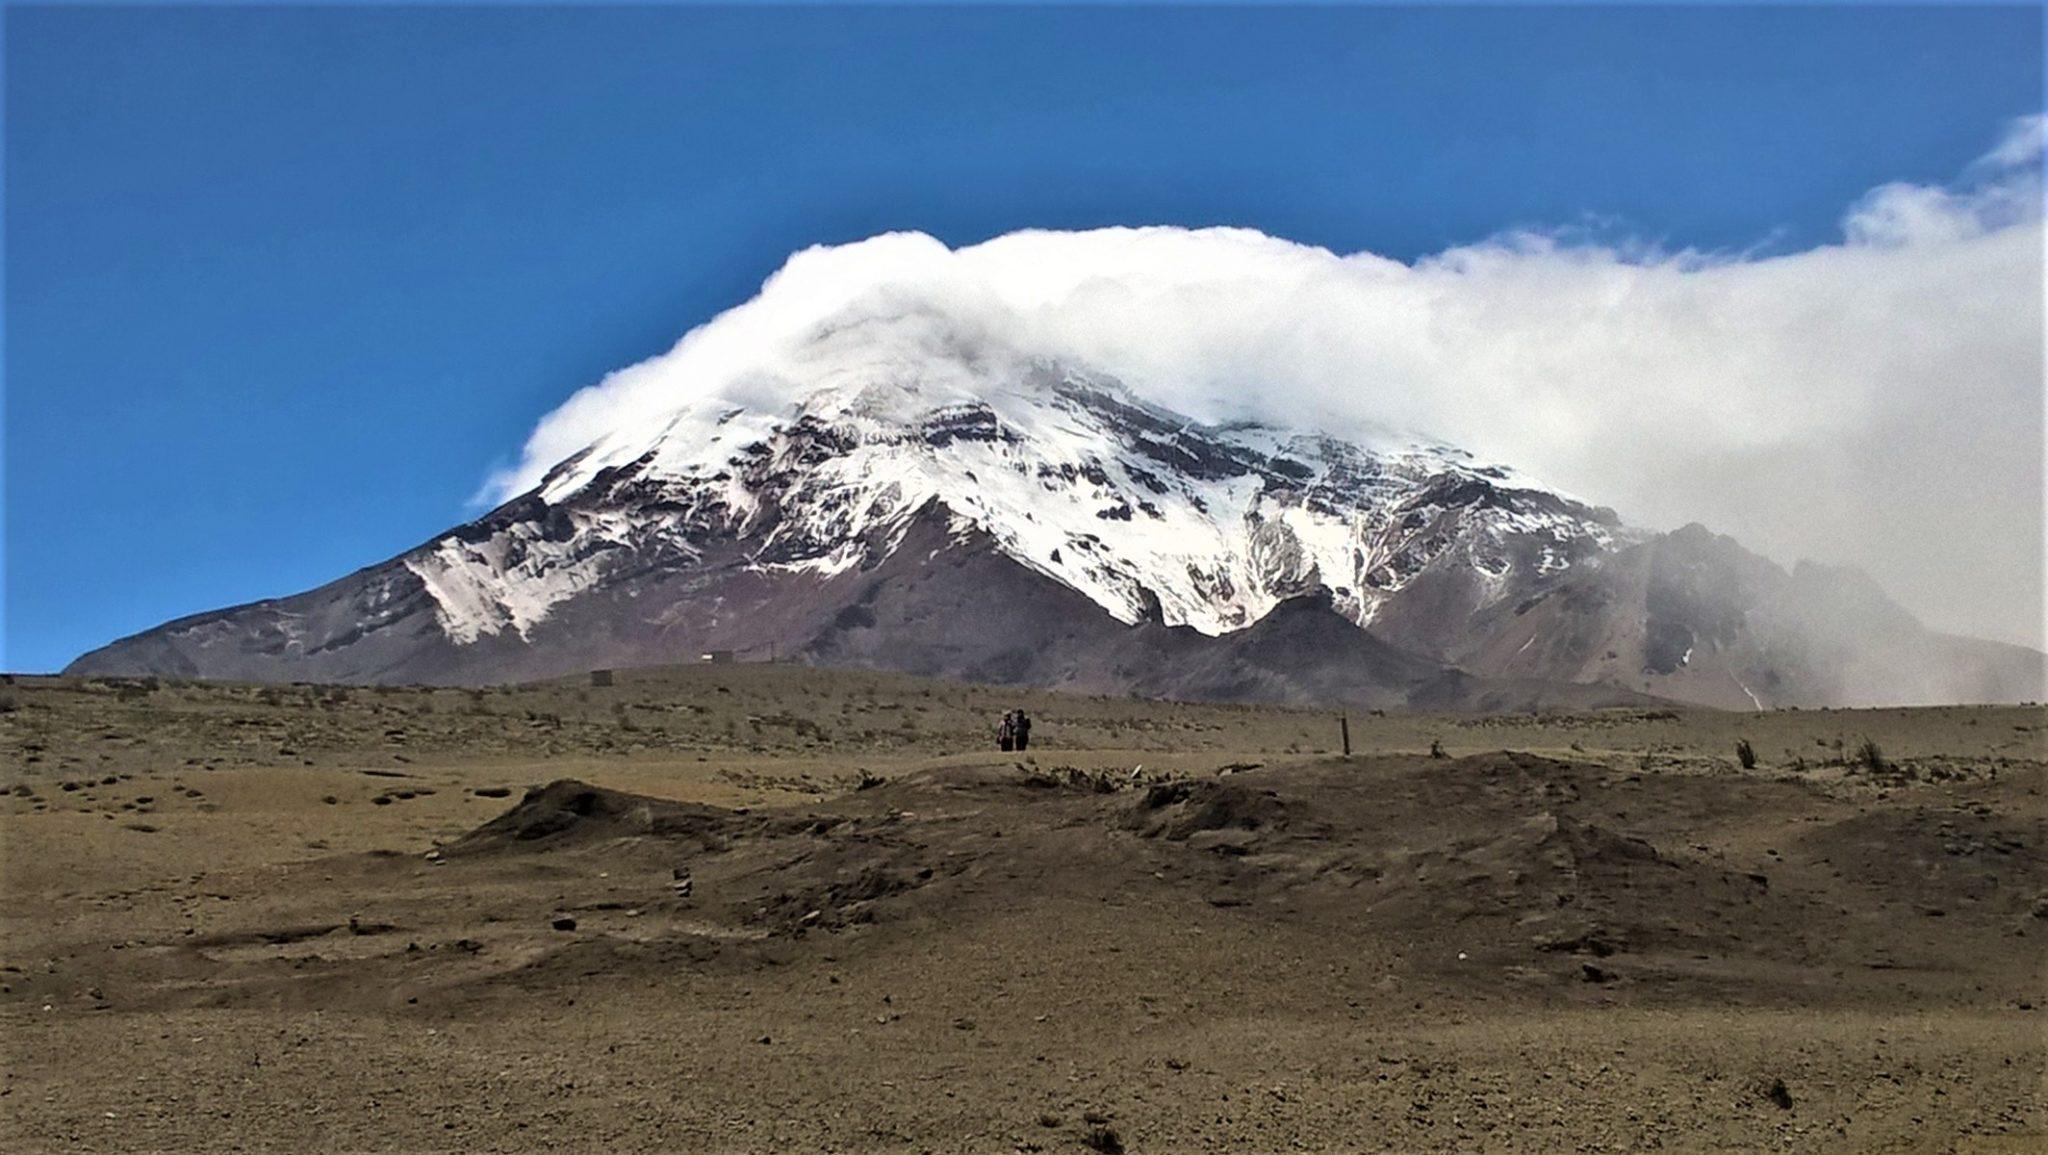 Un des volcans d'Équateur : le Chimborazo avec des nuages à son sommet